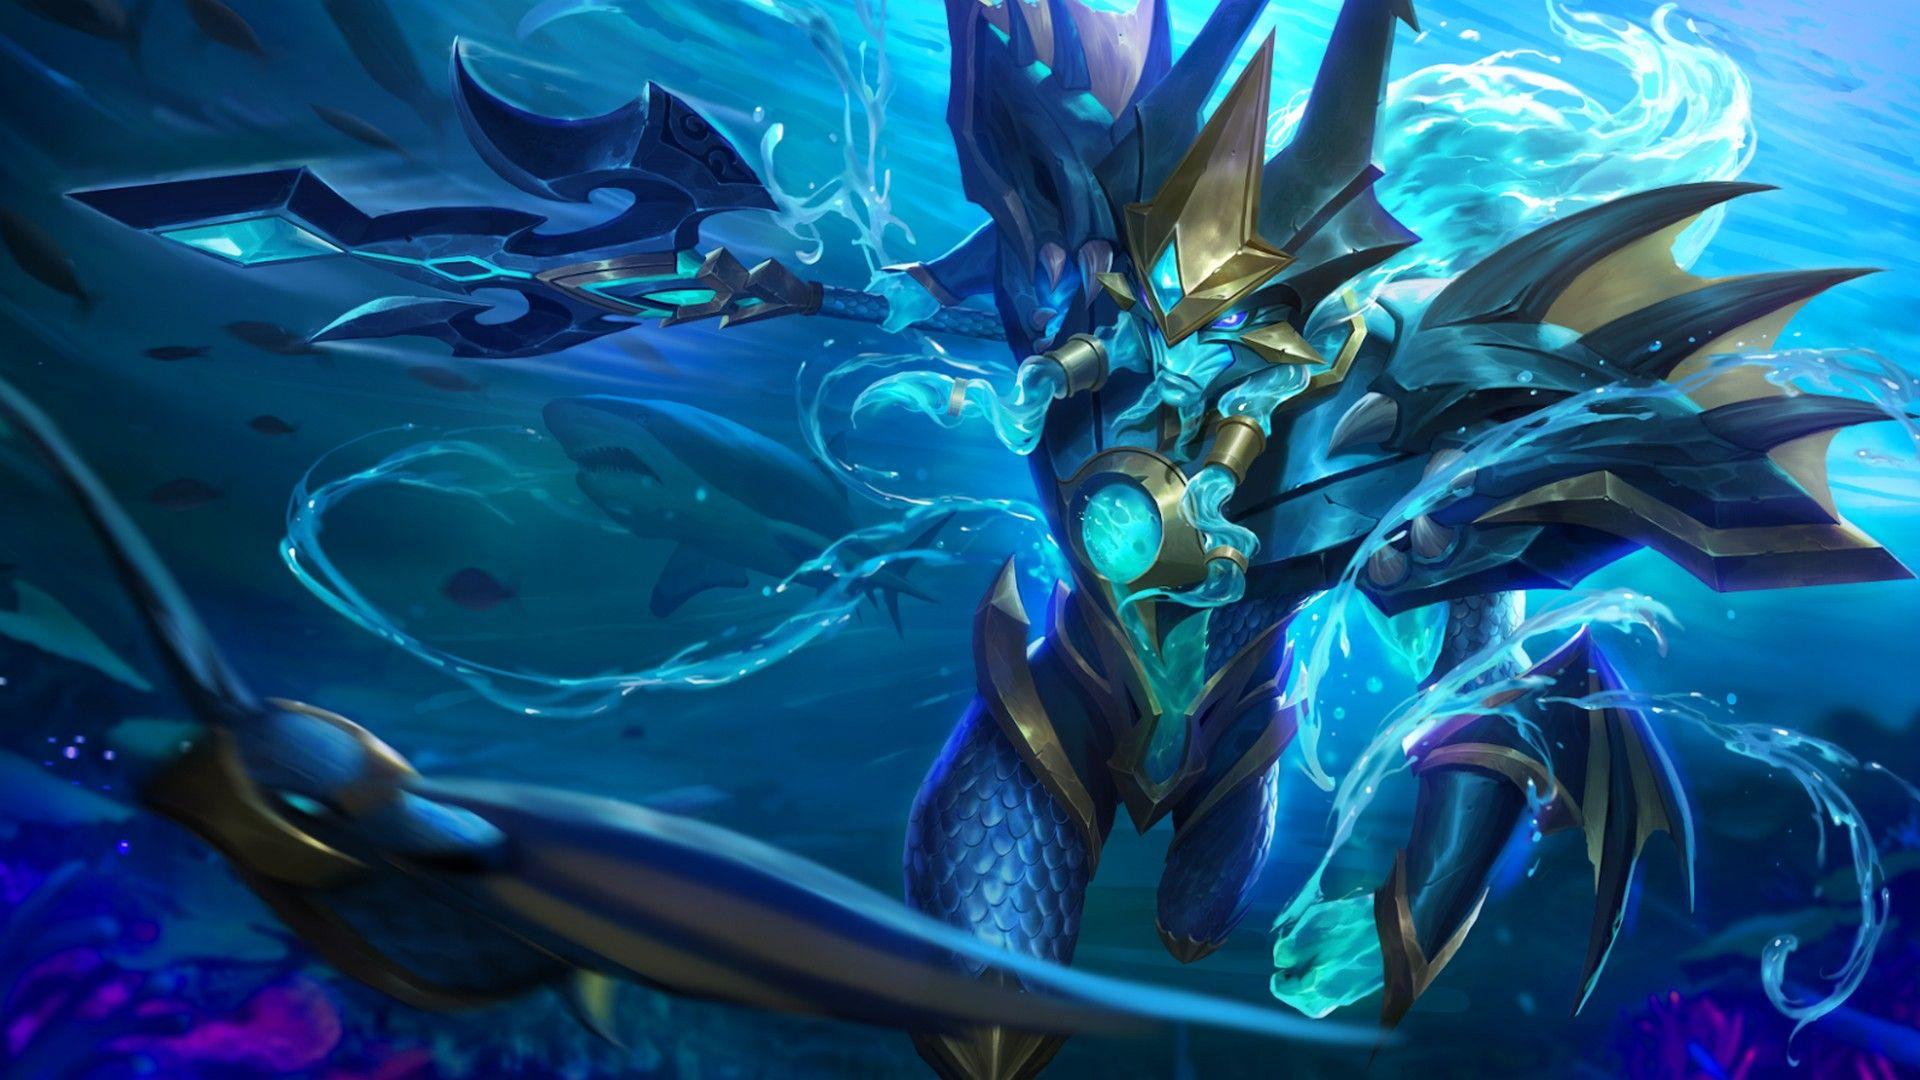 Teal Blue Background Wallpaper Hd 2021 Live Wallpaper Hd Mobile Legend Wallpaper Blue Background Wallpapers Mobile Legends